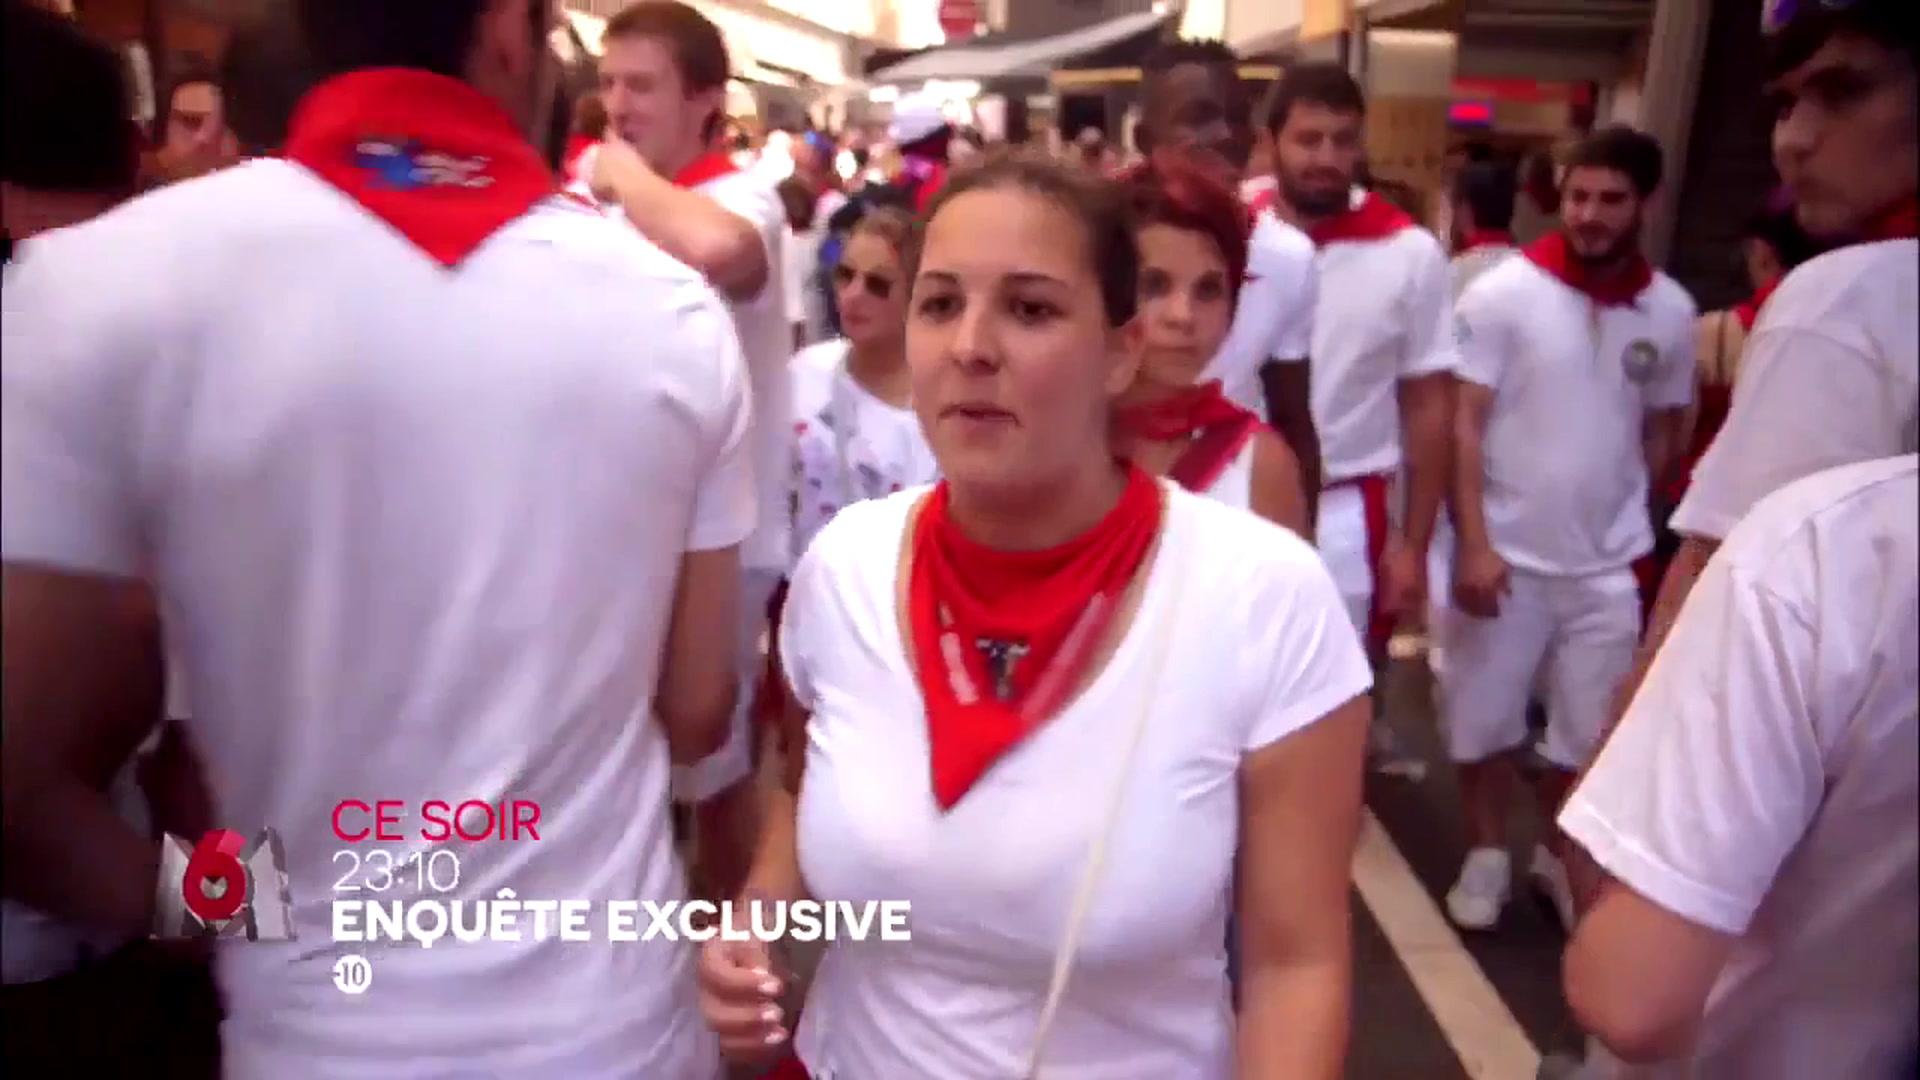 Enquête exclusive : Pampelune : au coeur de la plus grande feria du monde